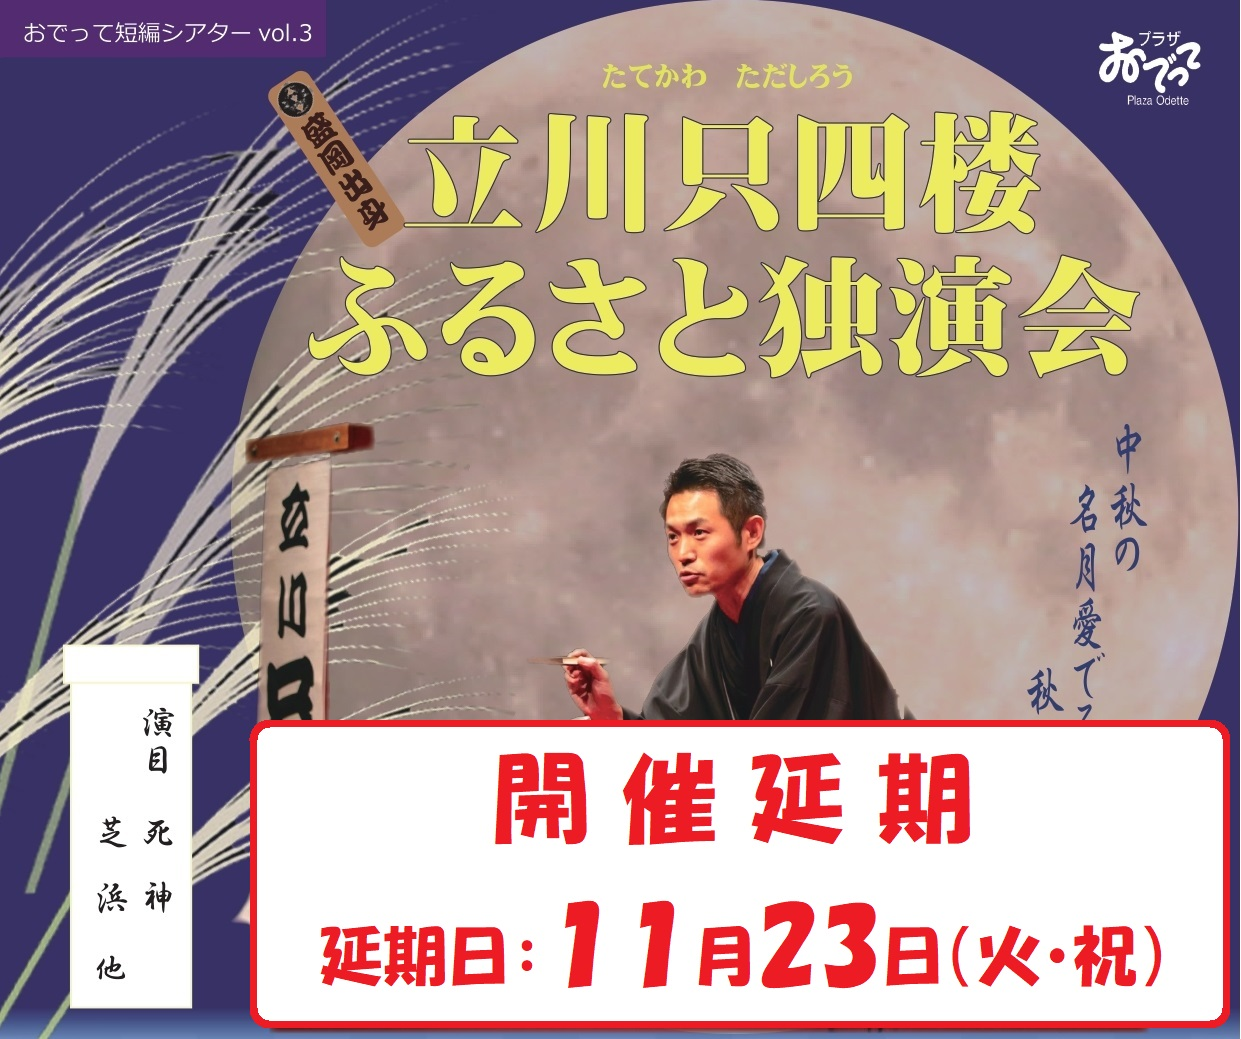 【開催延期】11.23立川只四楼ふるさと独演会